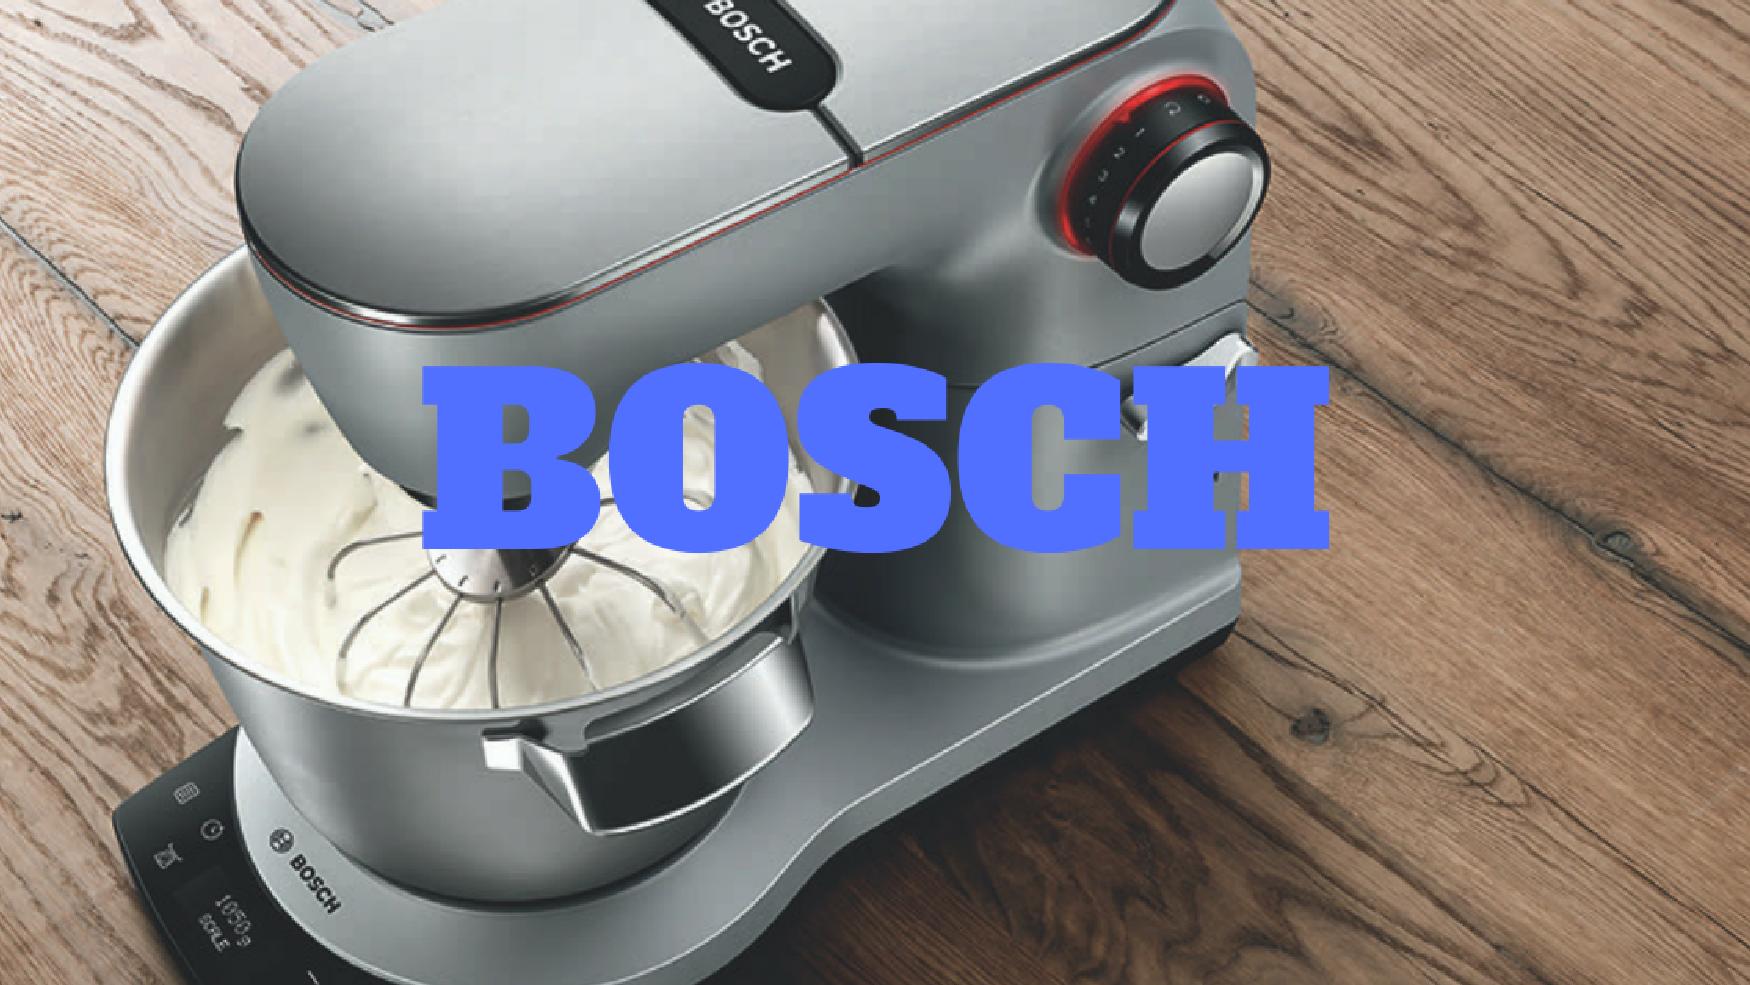 Küchengeräte und Einbaugeräte Archive - Gebrüder-Schlosser